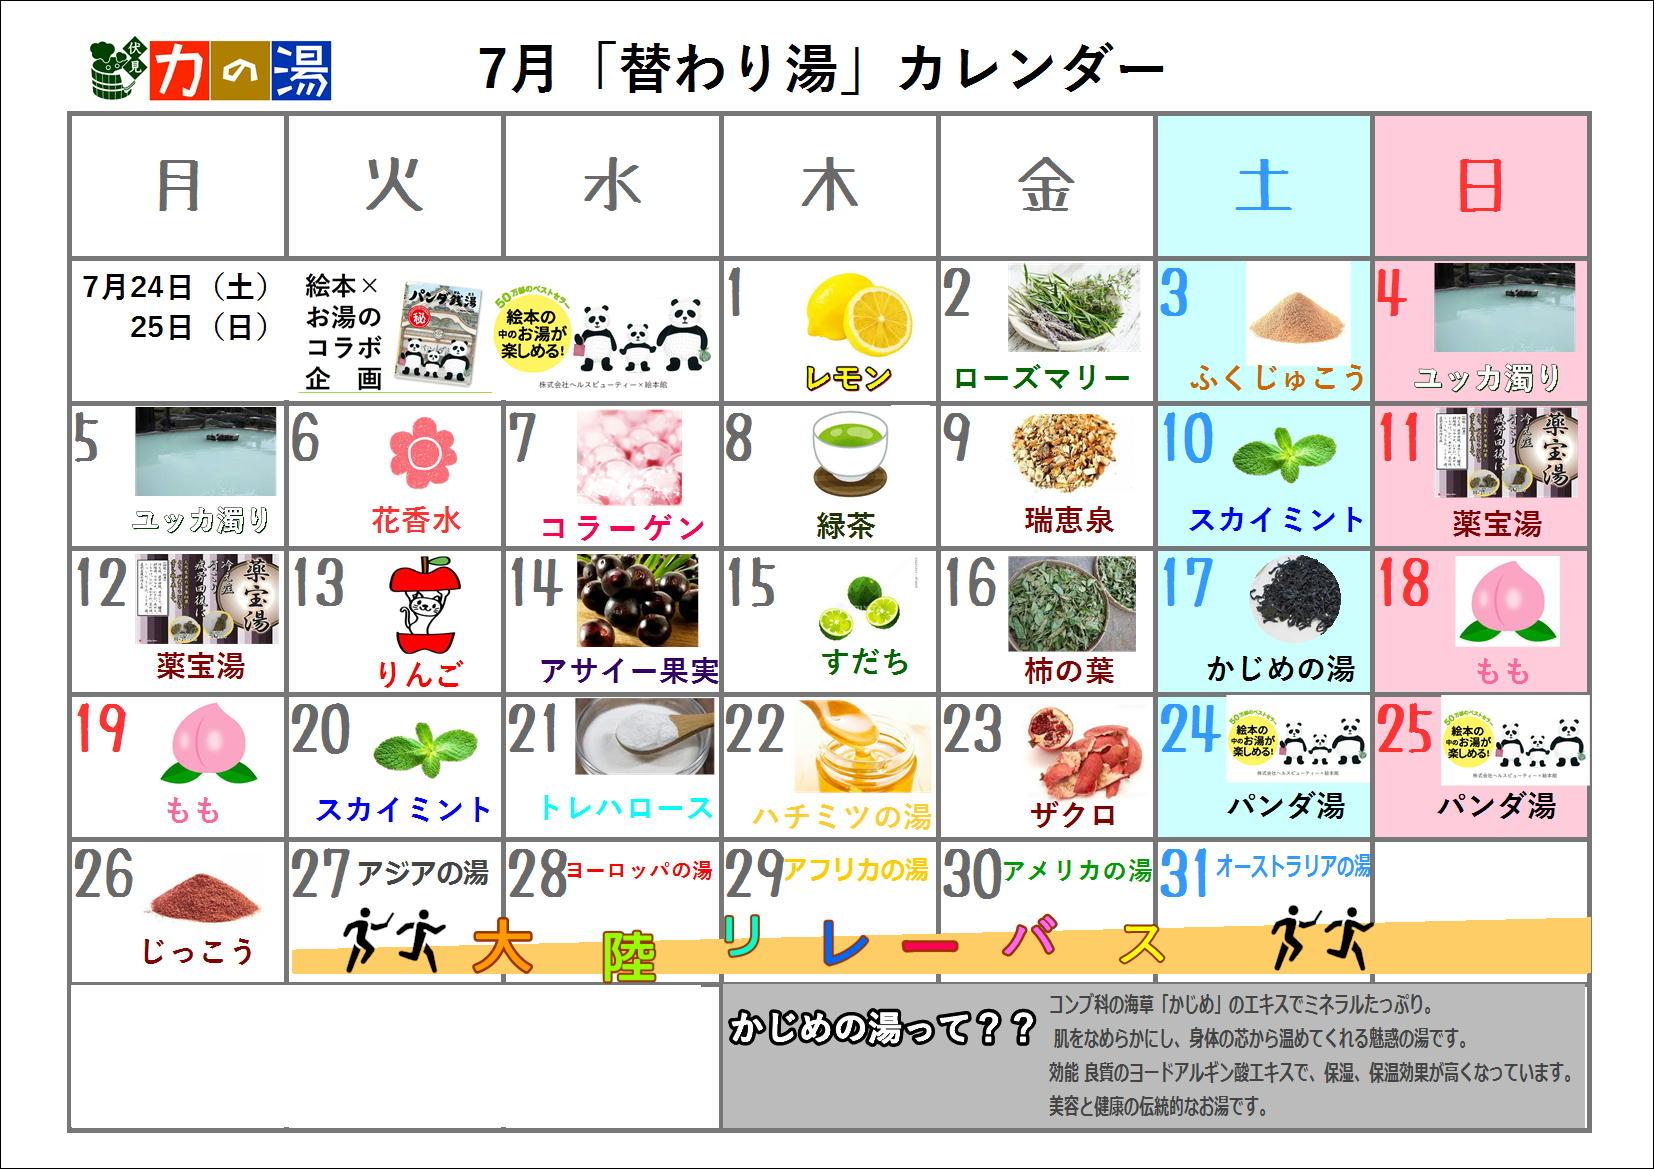 7月「替わり湯」カレンダー